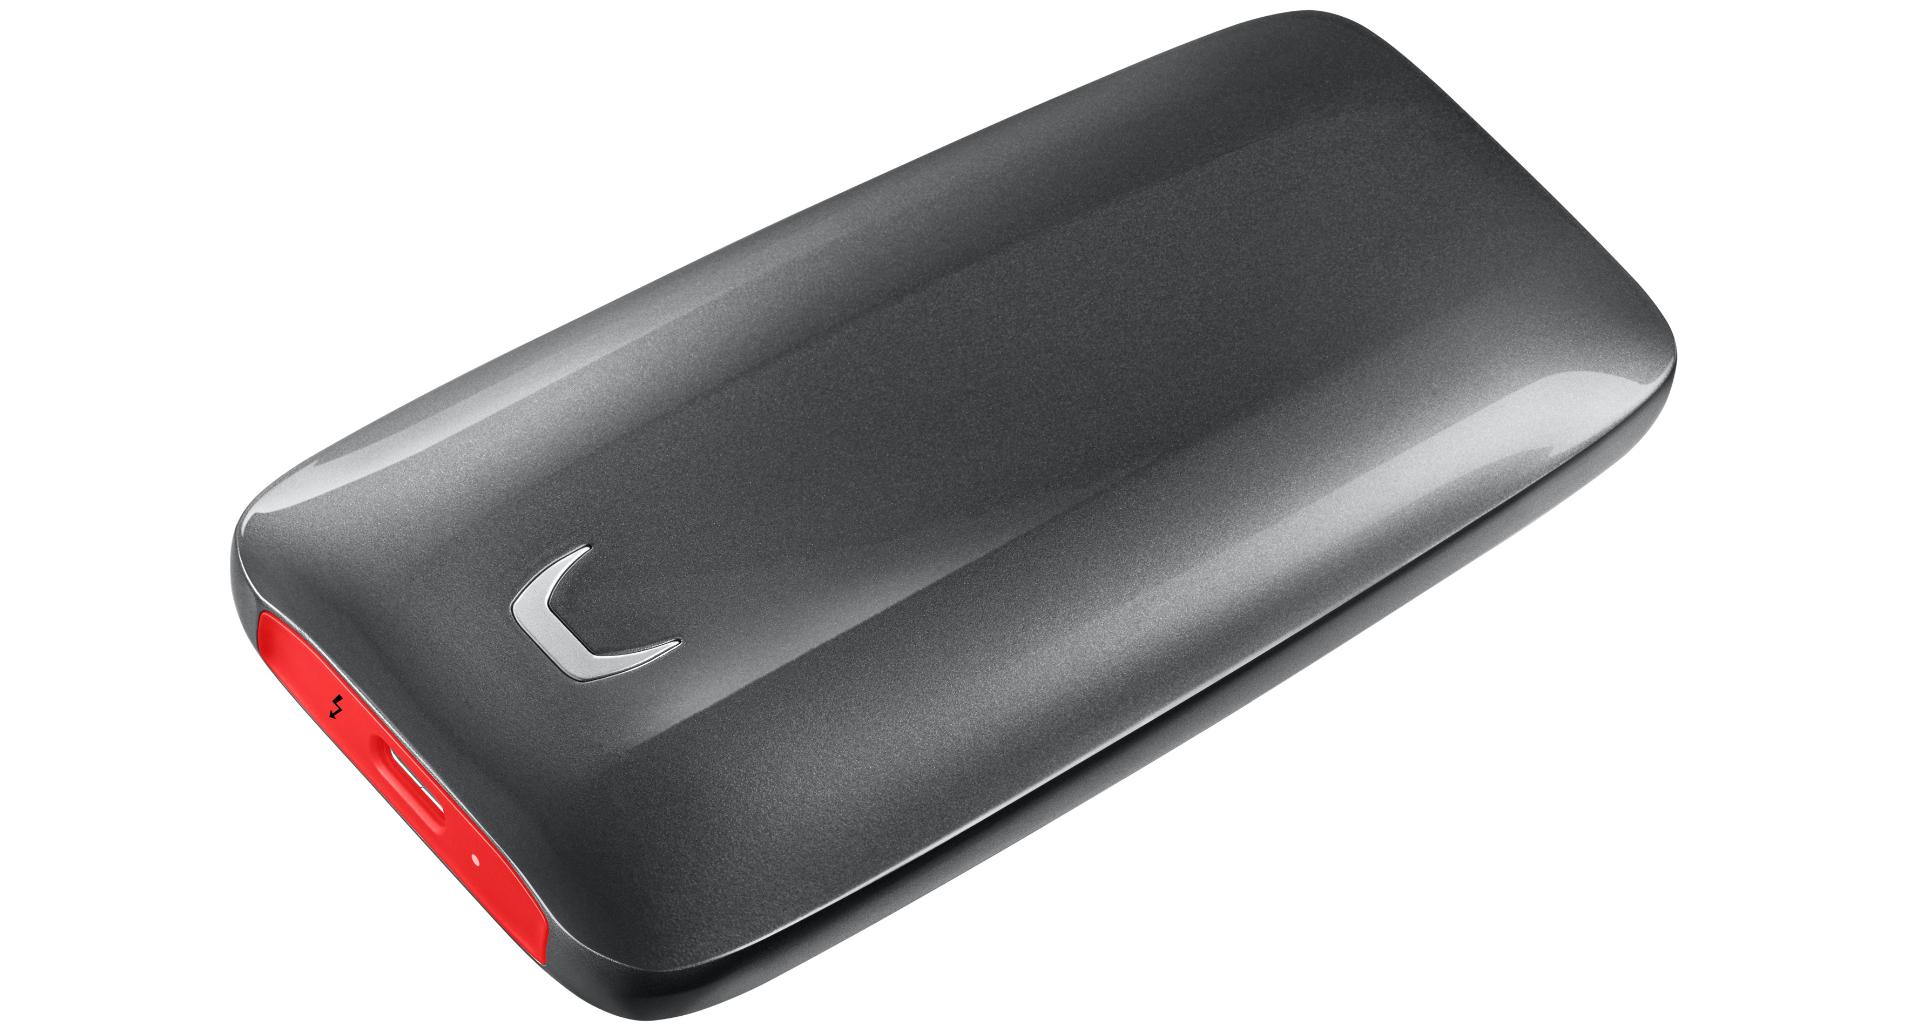 Samsung ra mắt PORTABLE SSD X5, ổ cứng SSD di động thế hệ thứ 3 của hãng với tốc độ cực nhanh